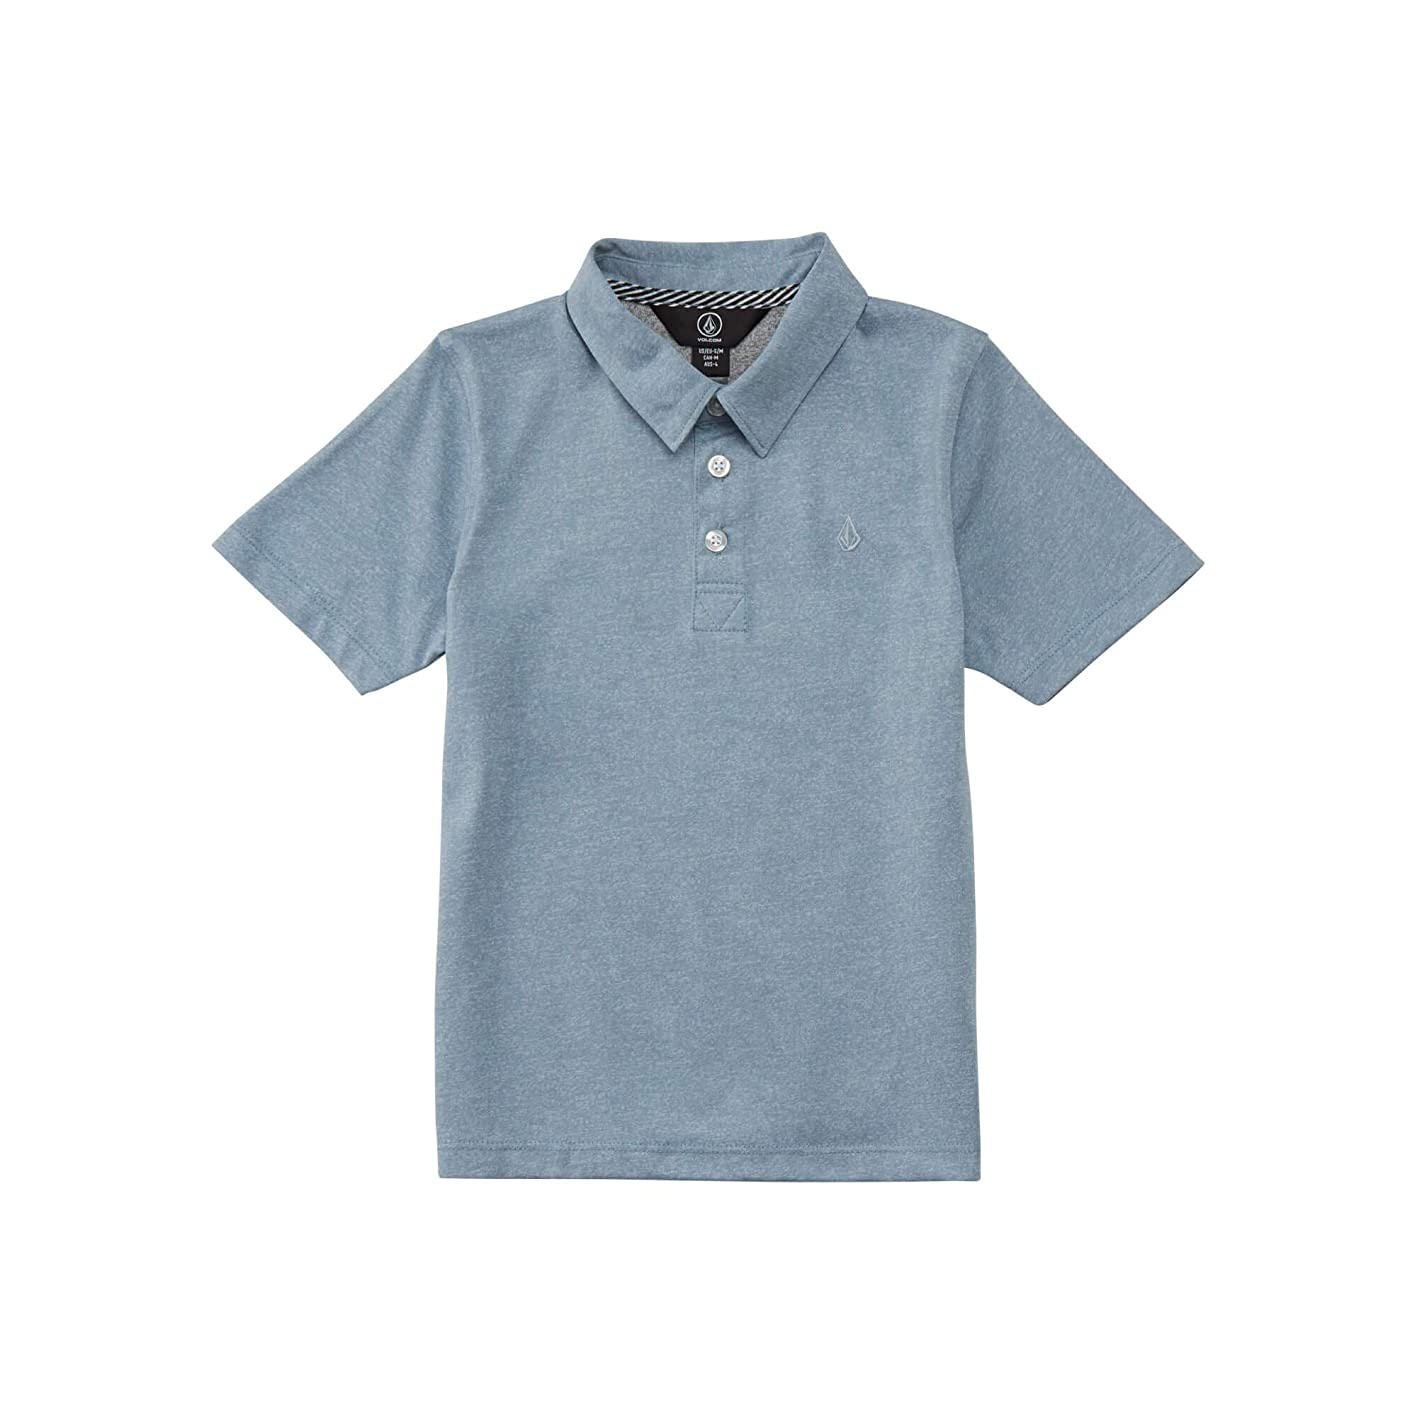 Volcom Boys' Wowzer Modern Fit Cotton Polo kaclwdwfnfx593